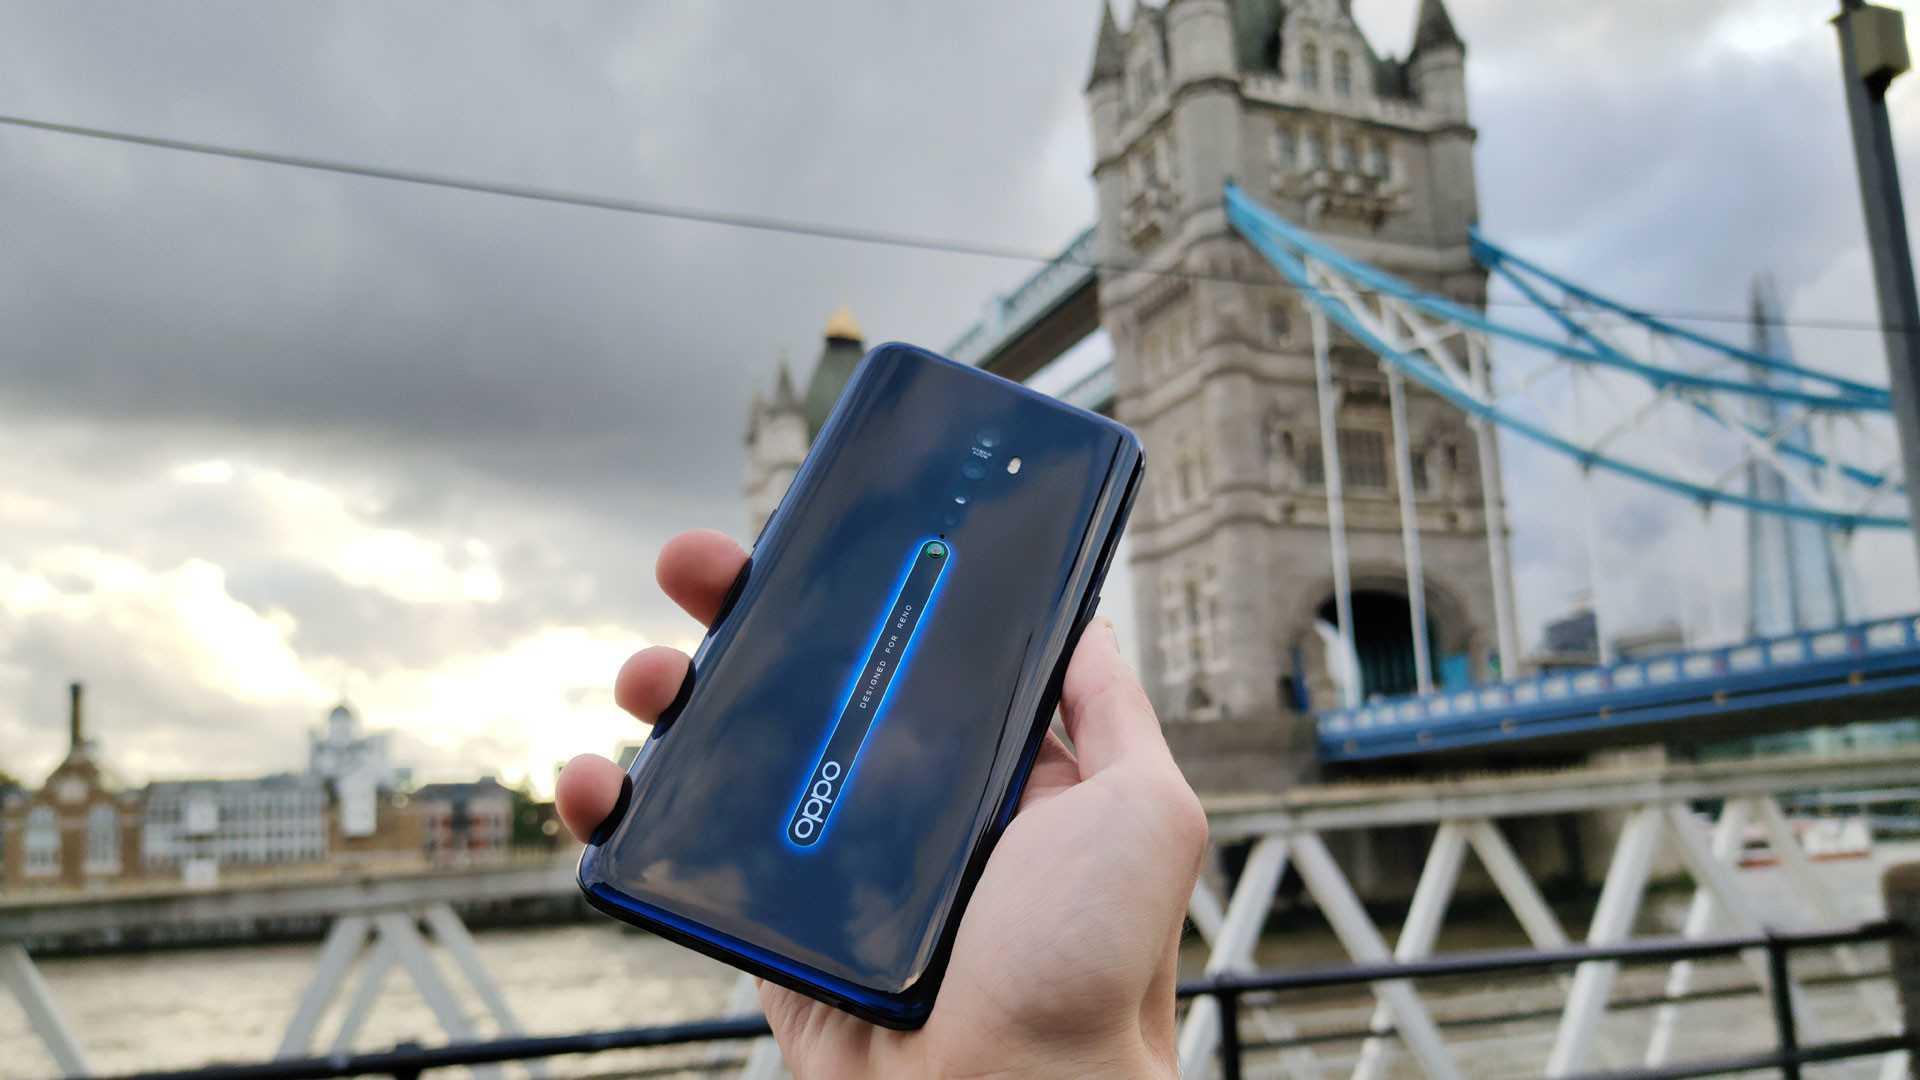 Не успела компания Samsung удивить общественность новым смартфоном Galaxy A80 с выдвижной вращающейся камерой как Asus уже готовит свой ответ По всей видимости